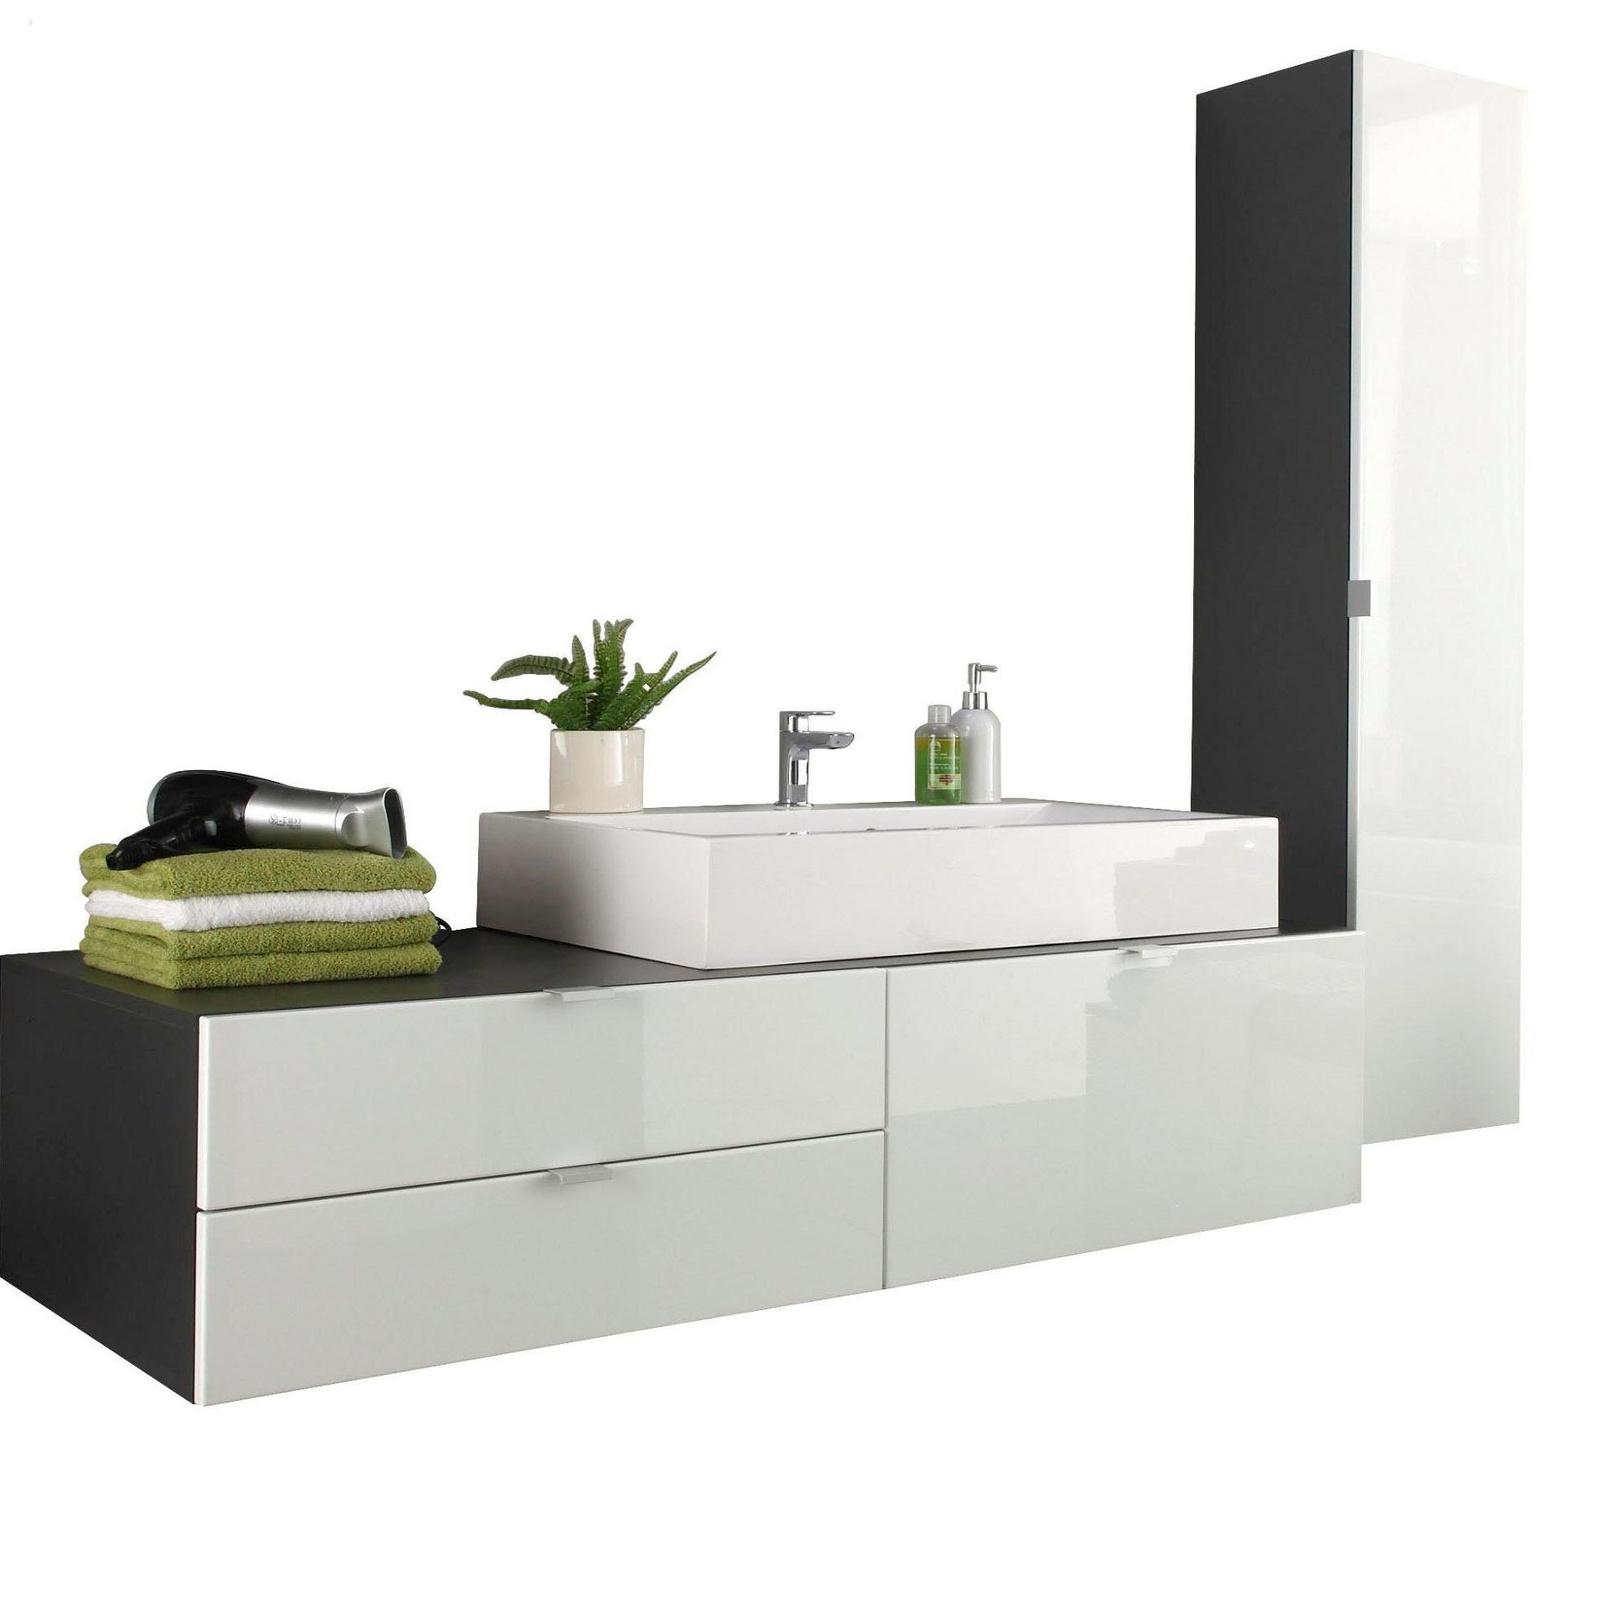 wohnzimmermoebel moderne couchtische b2b trade. Black Bedroom Furniture Sets. Home Design Ideas